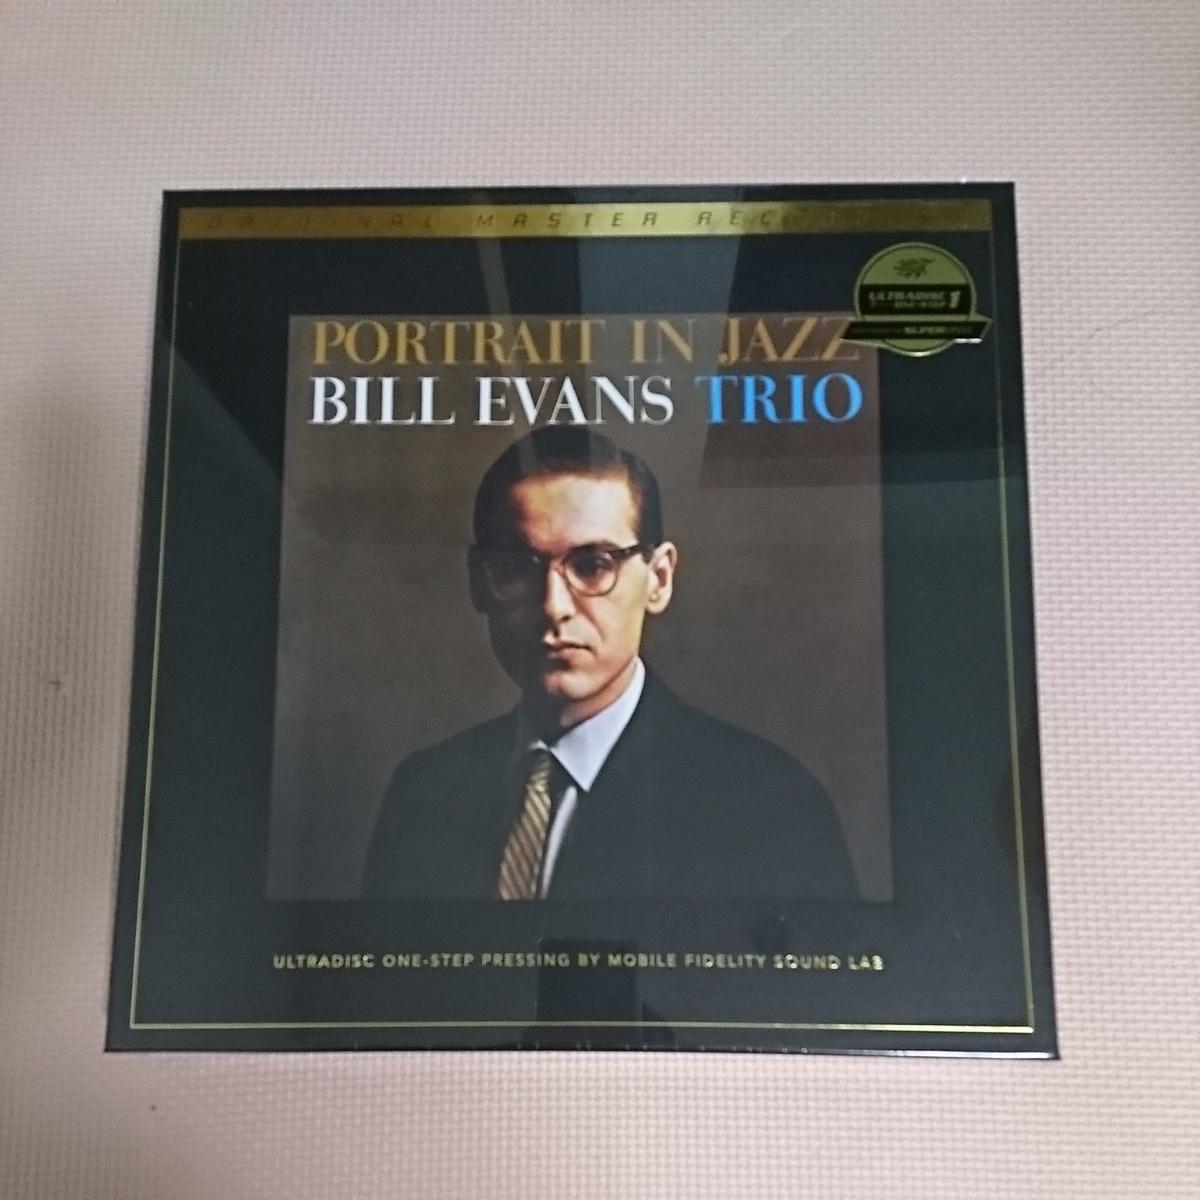 新品 即決 MFSL LP 0198/7000 ビル・エヴァンス ポートレイト・イン・ジャズ BILL EVANS Portrait In Jazz 45回転 Mobile Fidelity _画像3